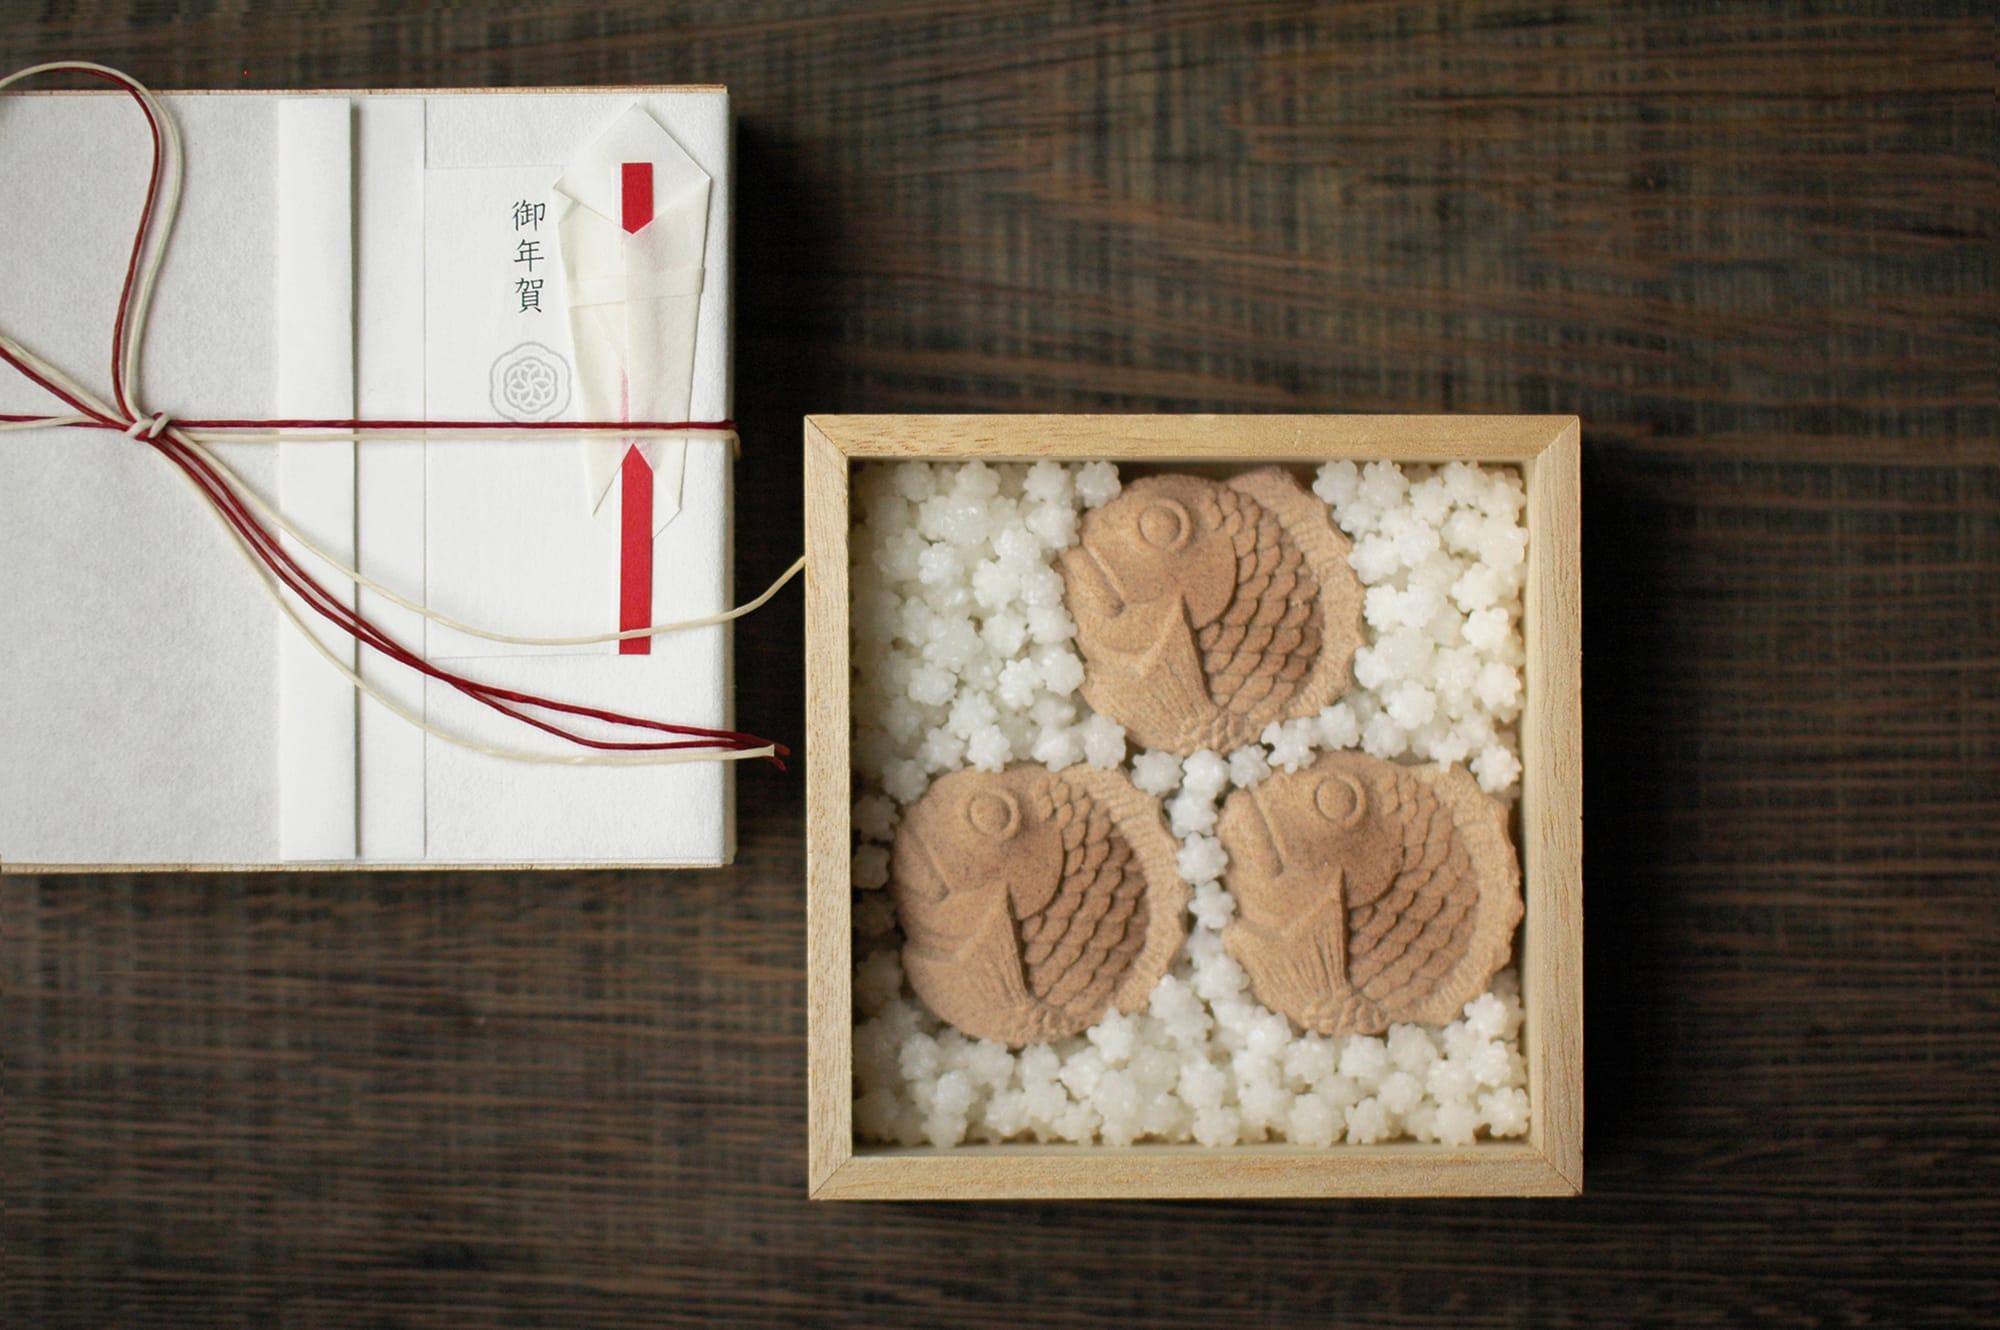 上品な甘さのこしあんをしっとり包んだ「鯛の生落雁」2,592円(税込)。金平糖と共に桐箱に詰めて。